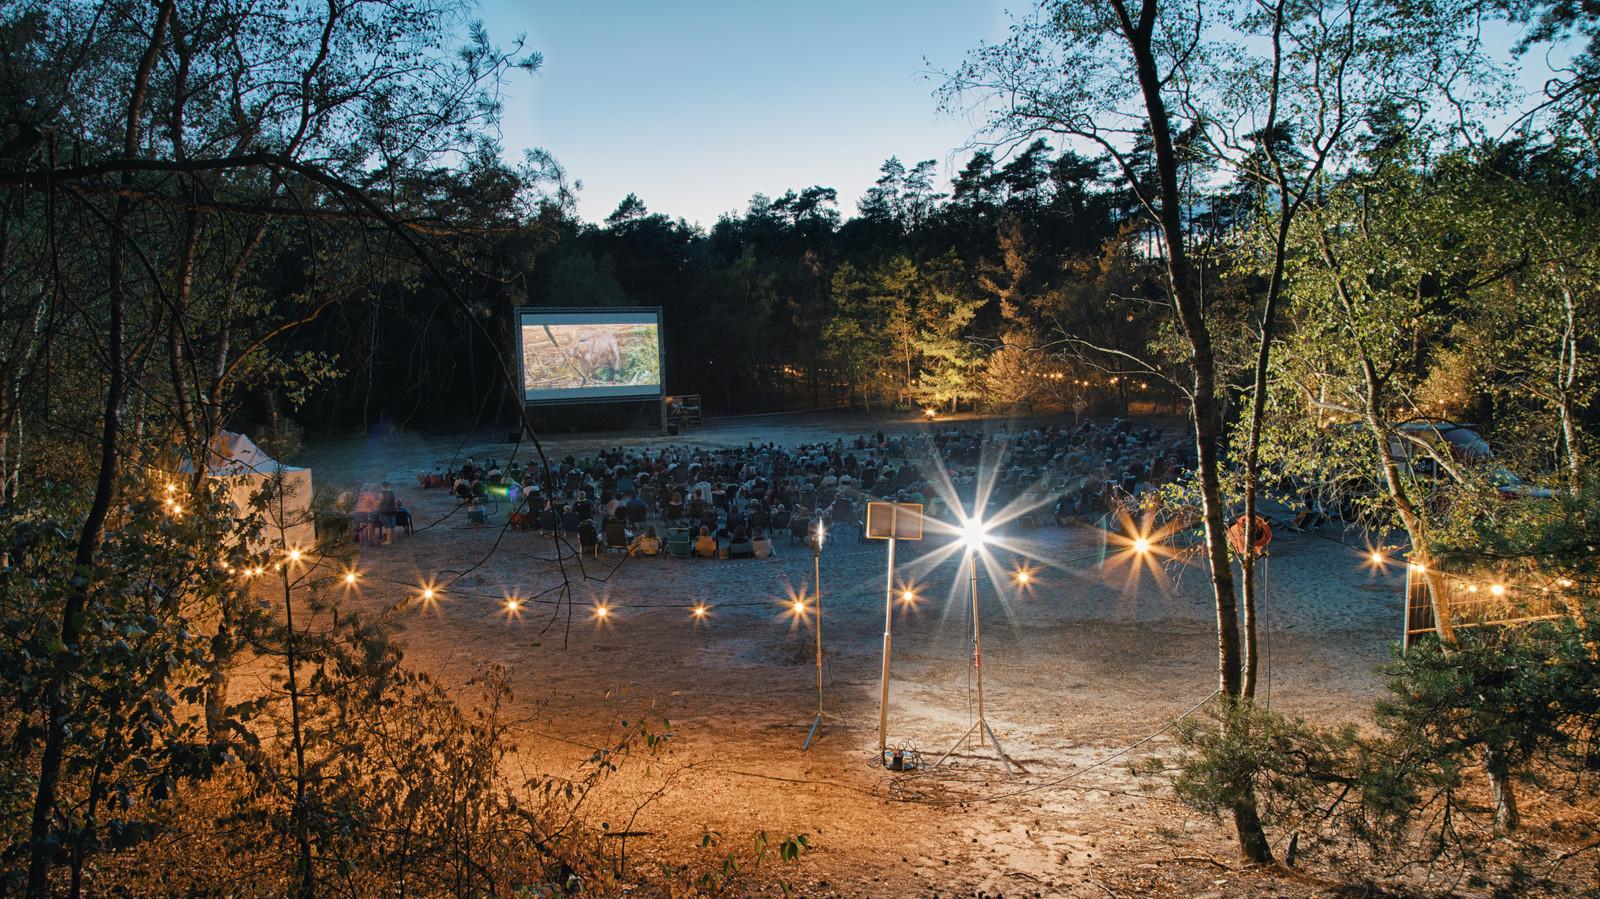 Vorig jaar waren er twee vertoningen in het bos van de natuurfilm 'Wild'.